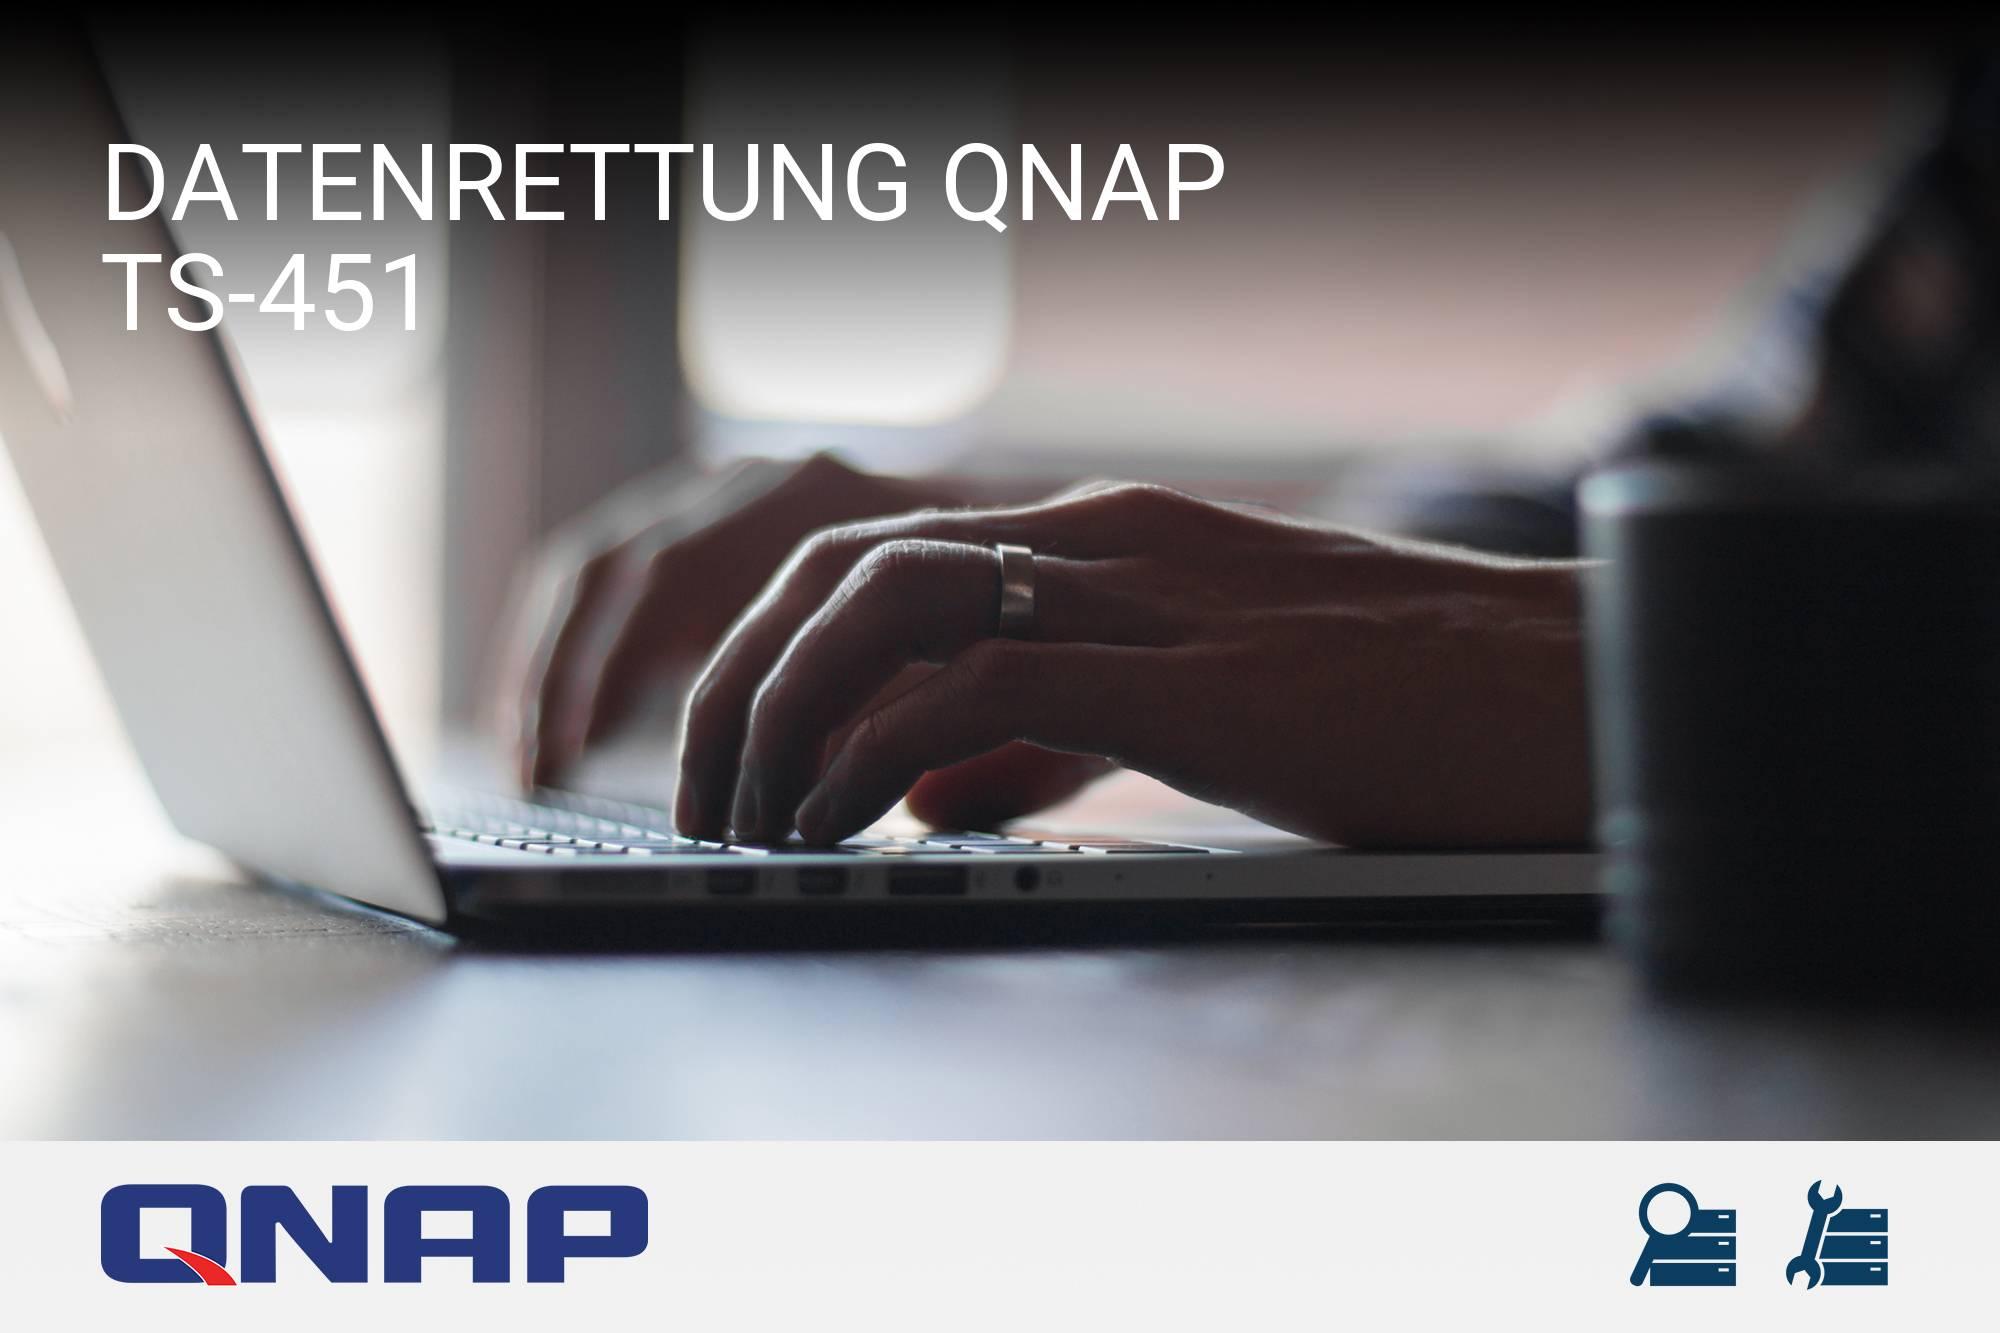 QNAP TS-451